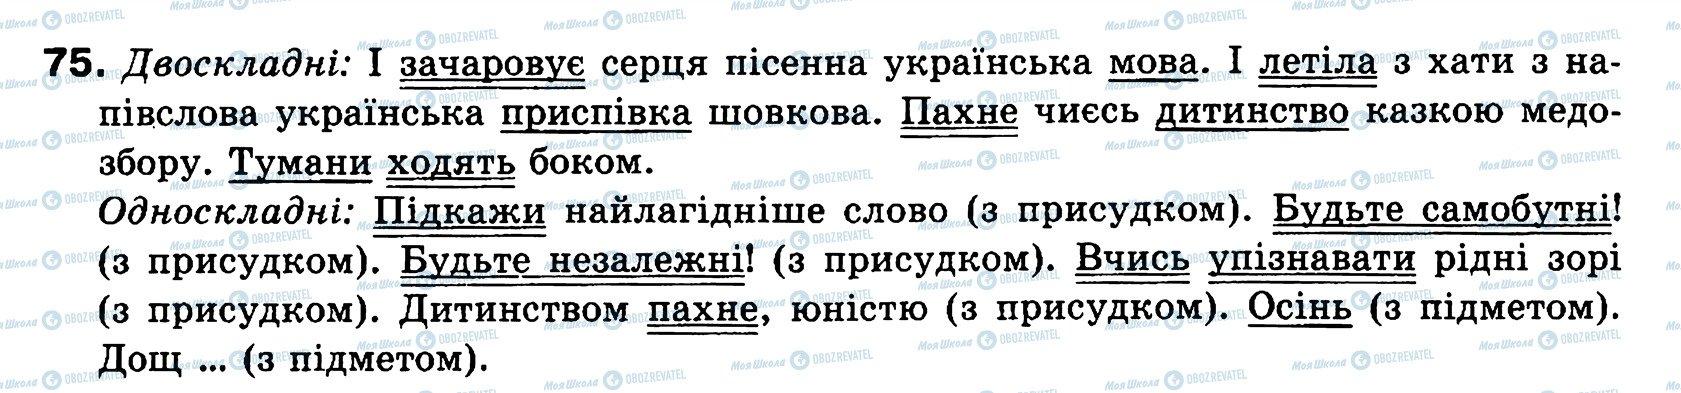 ГДЗ Українська мова 8 клас сторінка 75